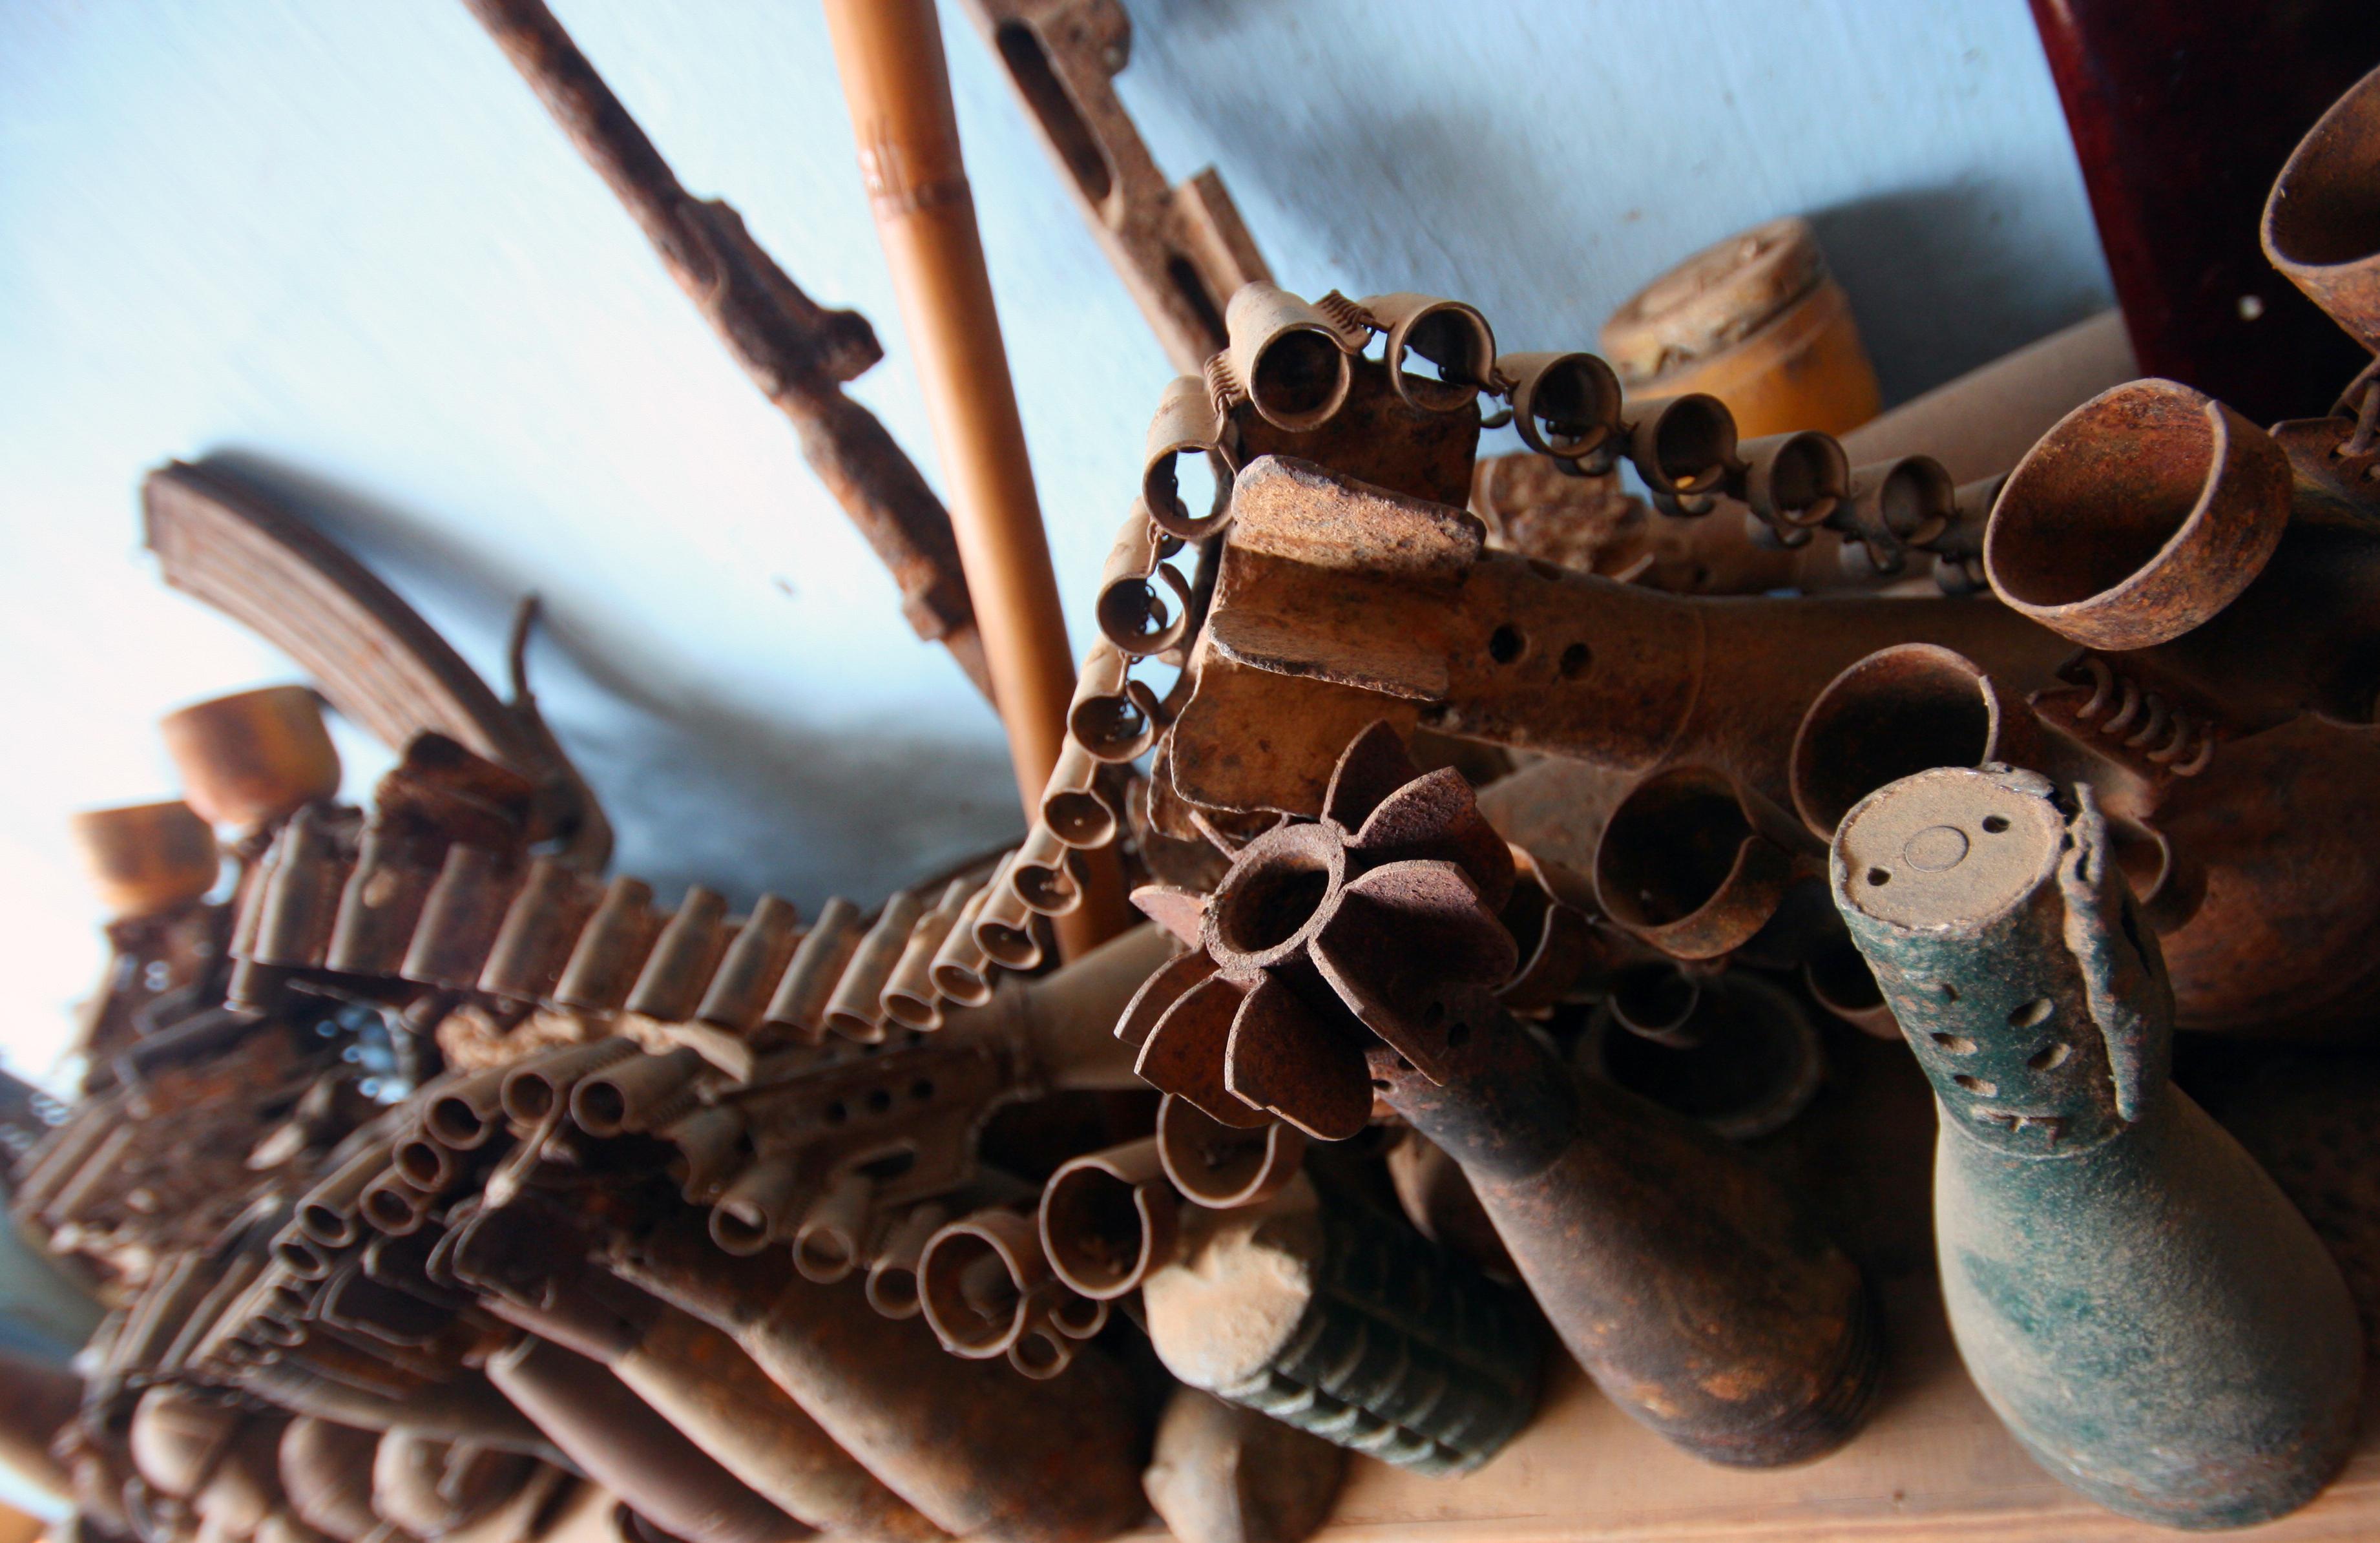 Visitar la exposición sobre la munición no explotada en el país - Laos Gran Viaje Laos y Vietnam